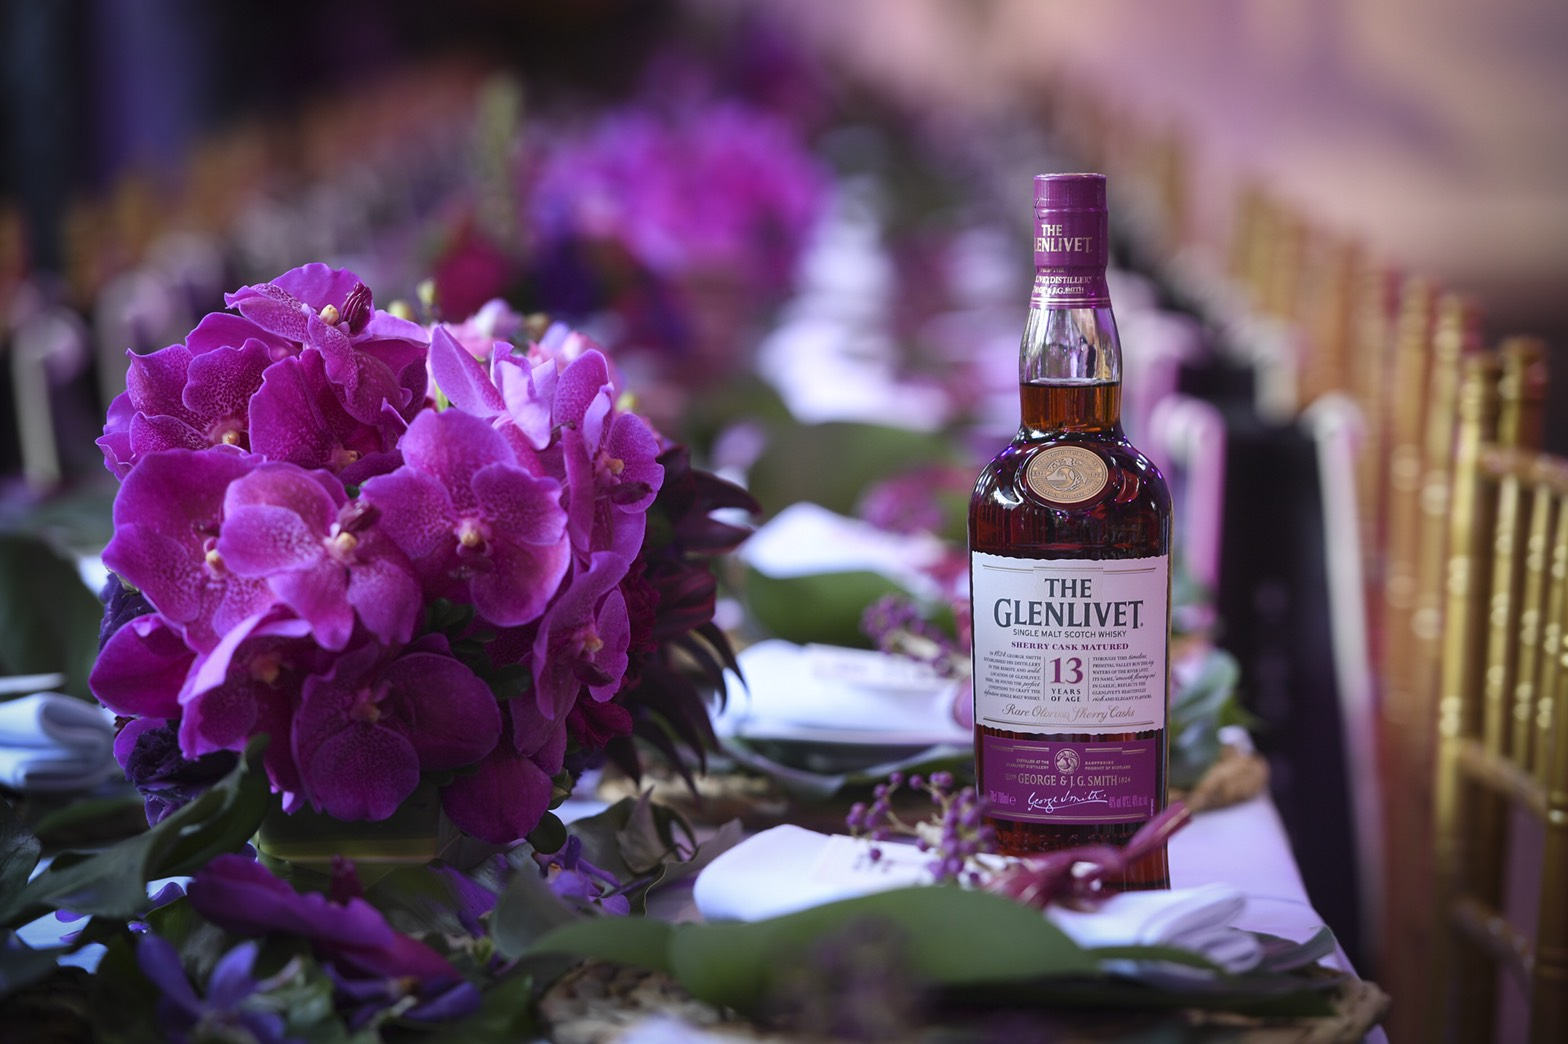 格蘭利威13年雪莉桶單一麥芽蘇格蘭威士忌現場情境圖。_02.jpg